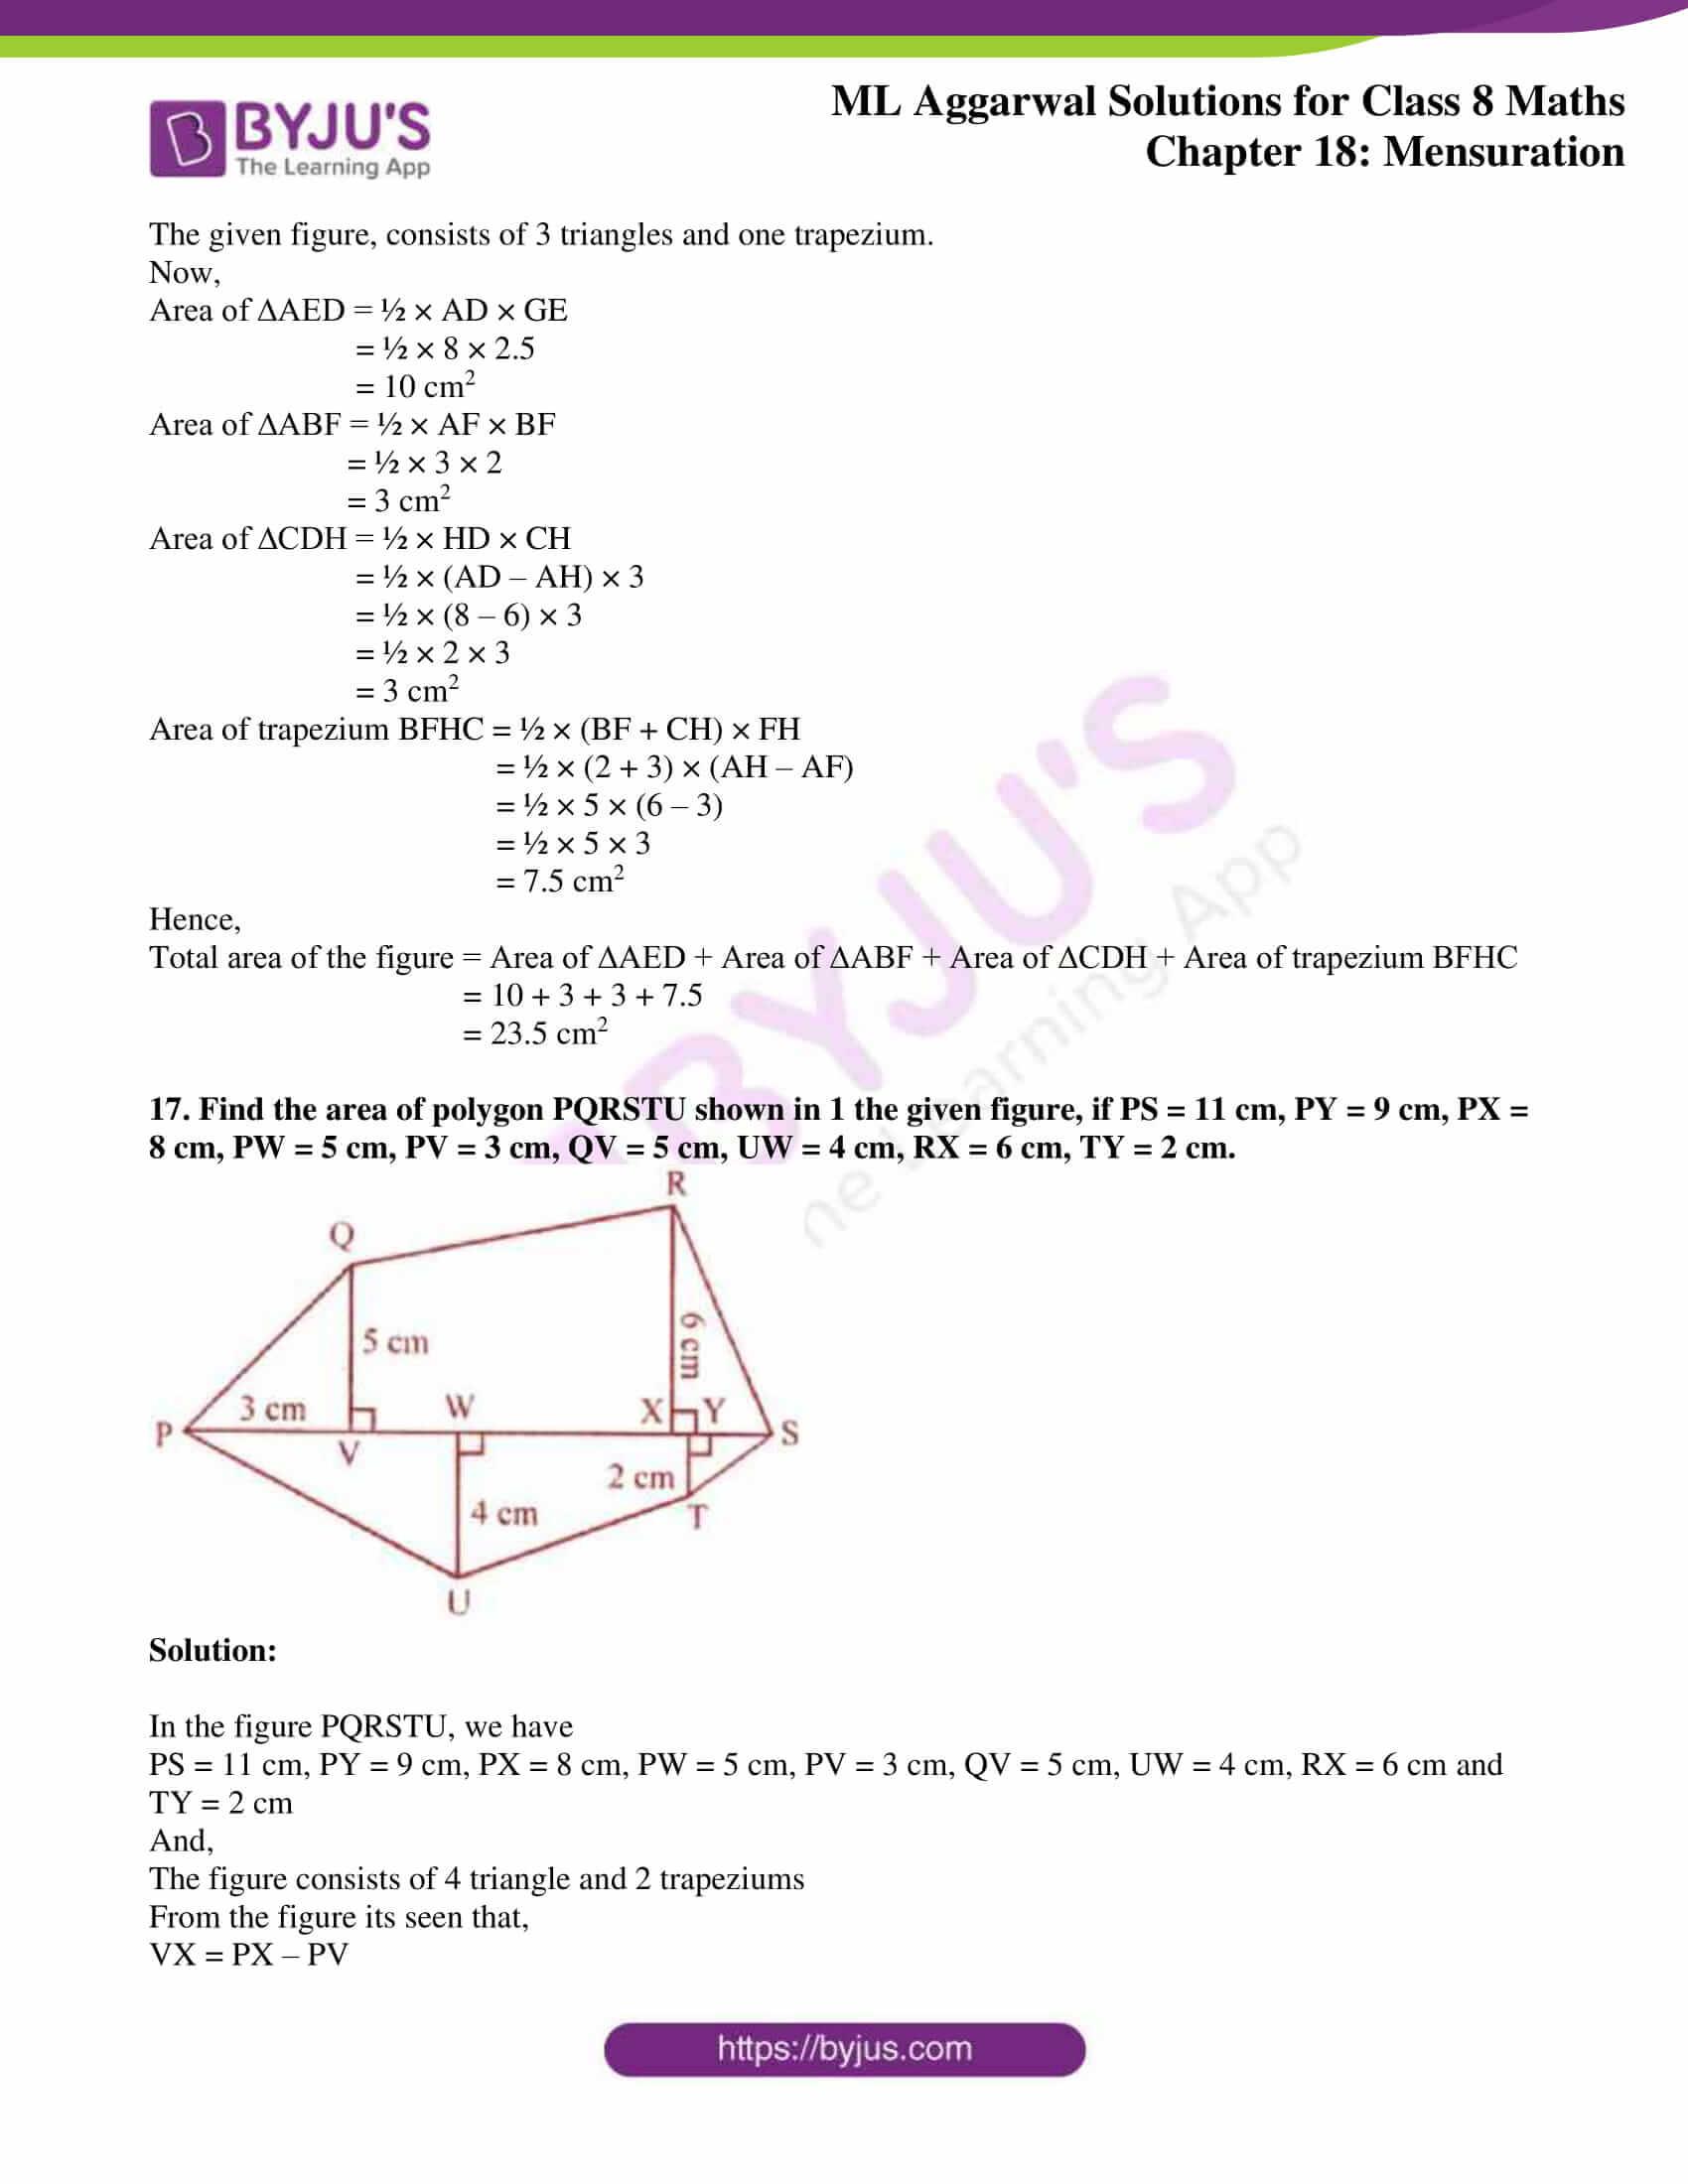 ml aggarwal sol mathematics class 8 ch 18 19